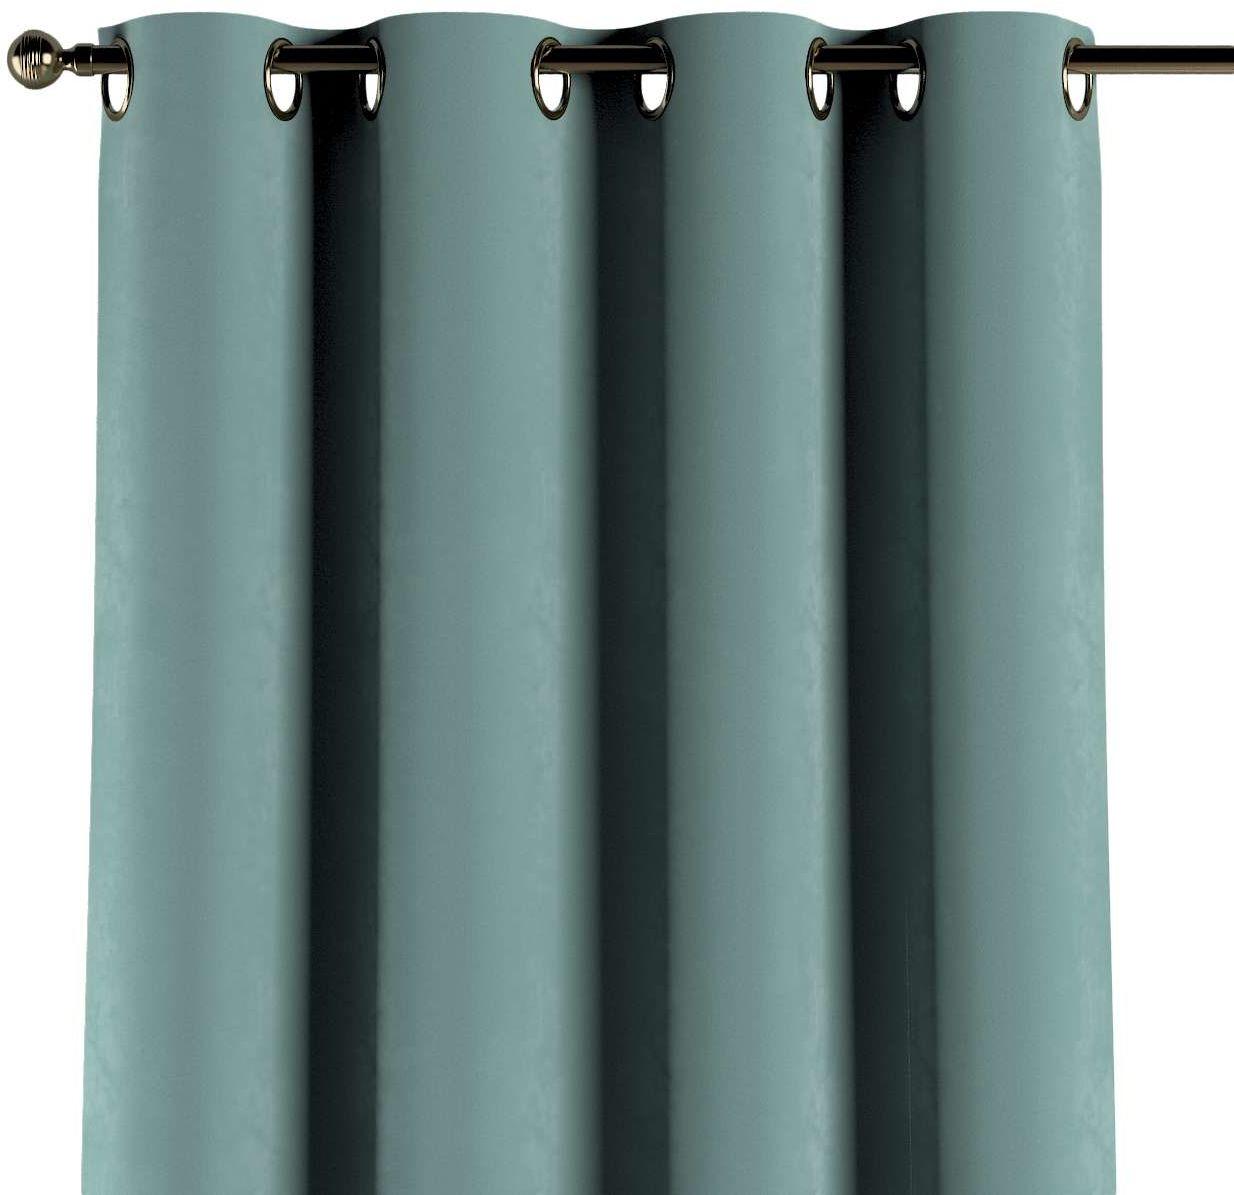 Zasłona na kółkach 1 szt., szara mięta, 1szt 130  260 cm, Velvet